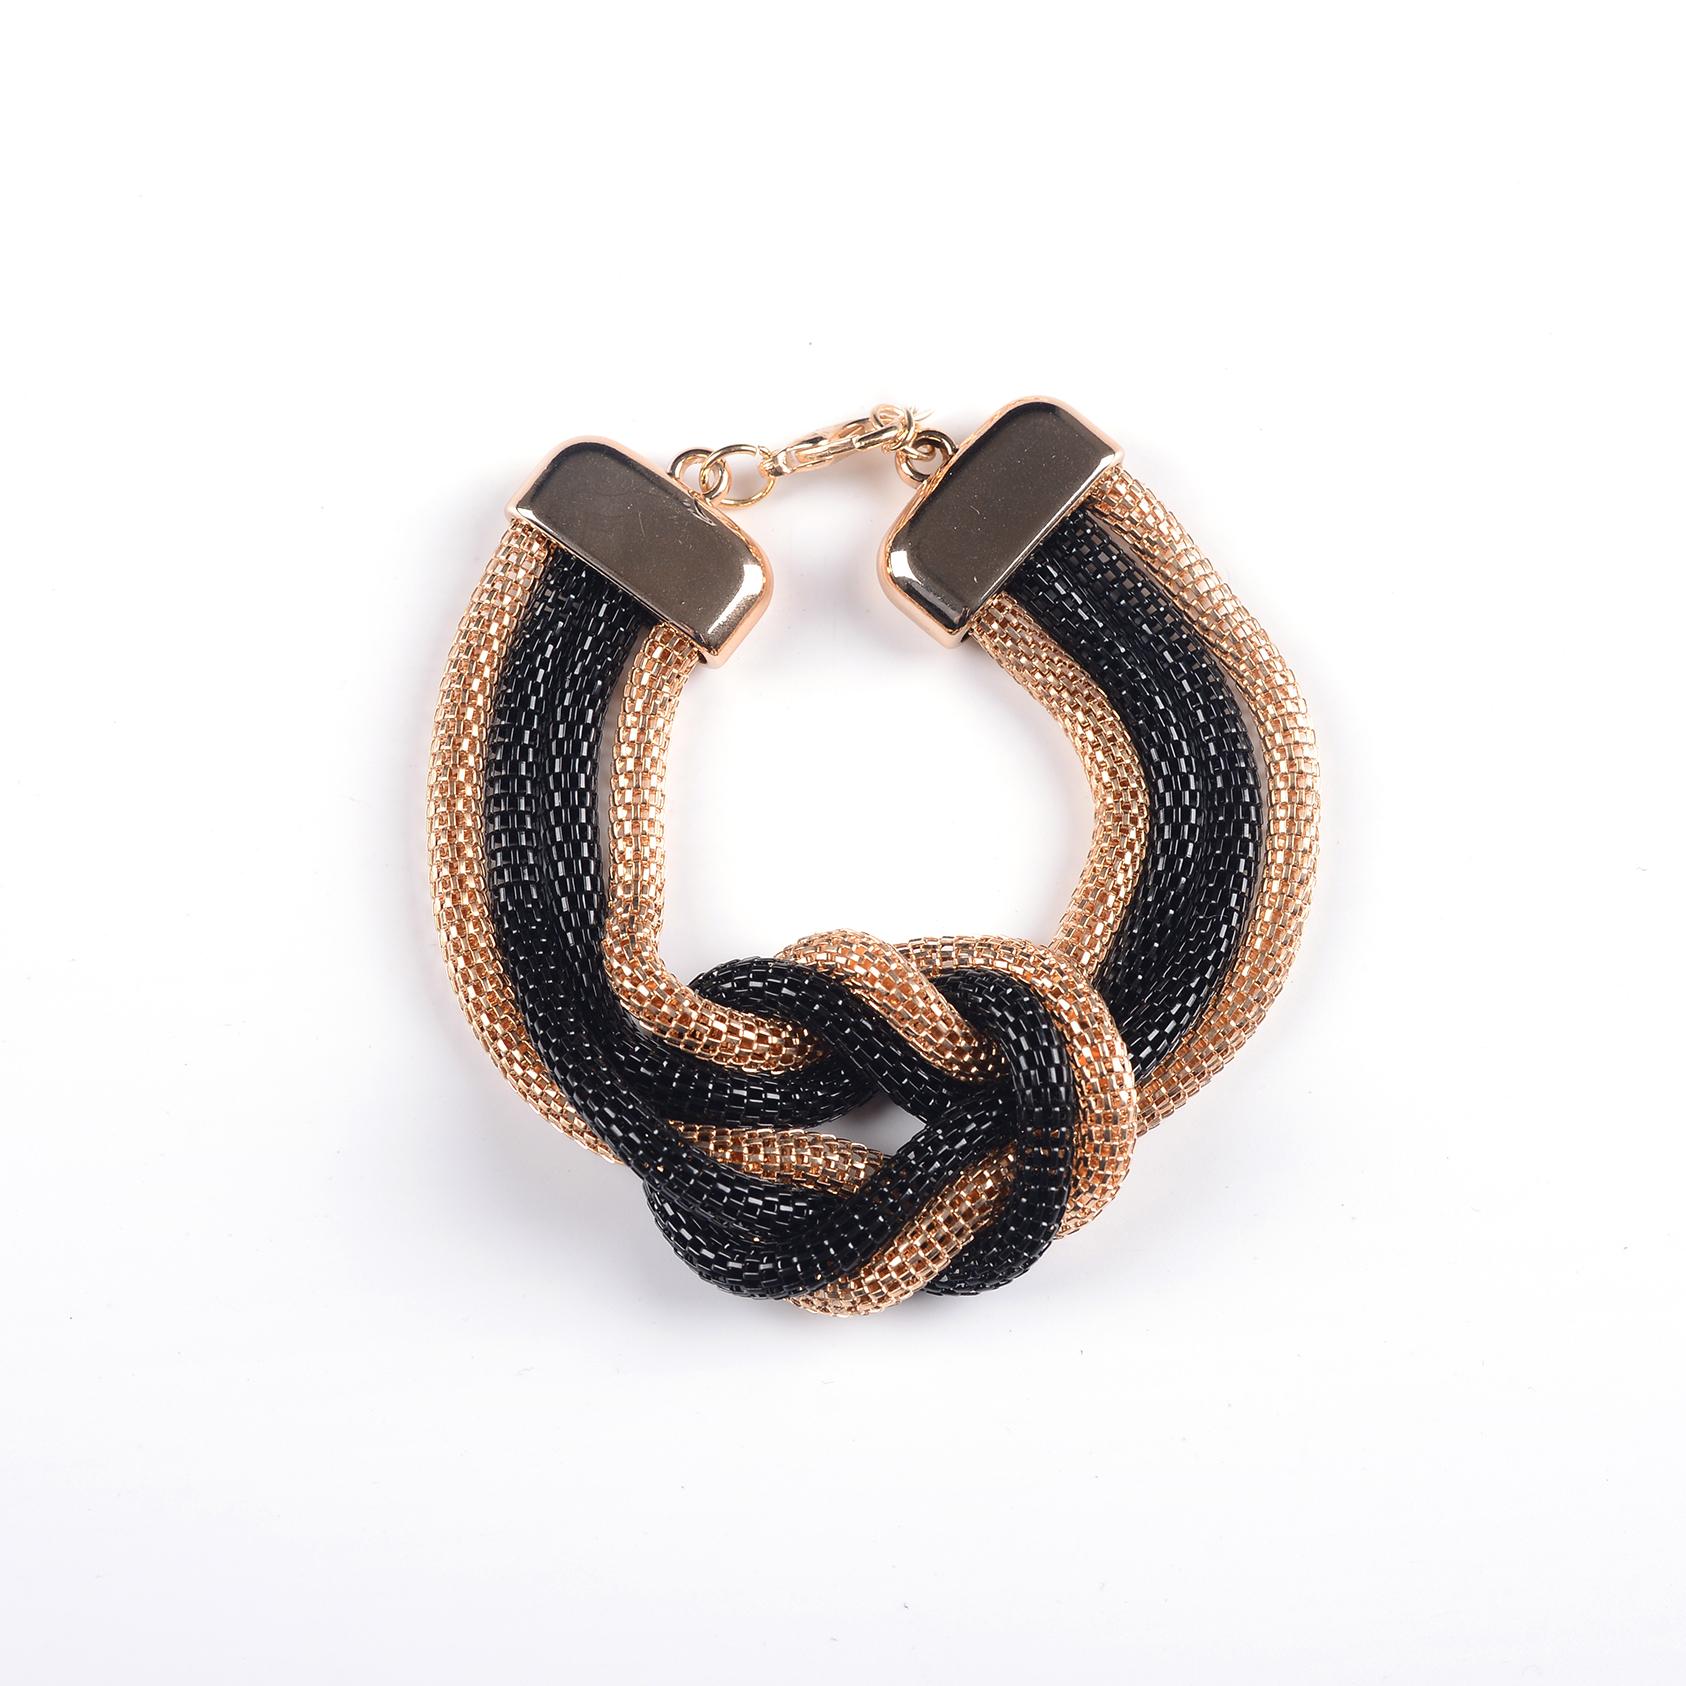 Arany-fekete csavart bizsu karkötő c83b566686